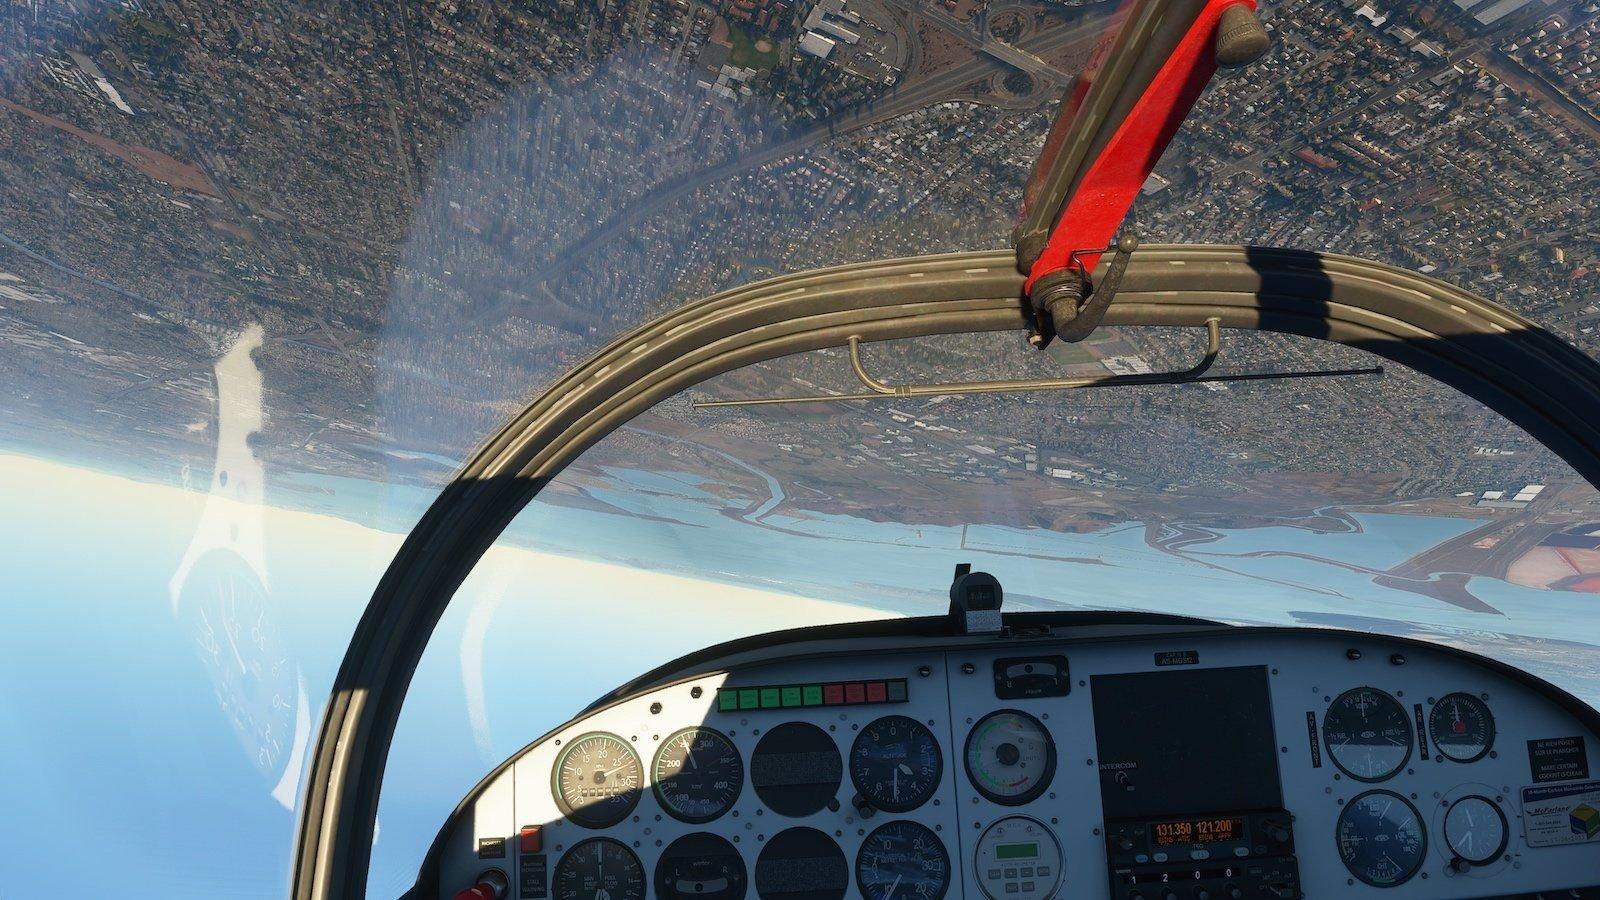 Microsoft Flight Simulator: Vượt bỏ giới hạn của một tựa Game - Hình 2